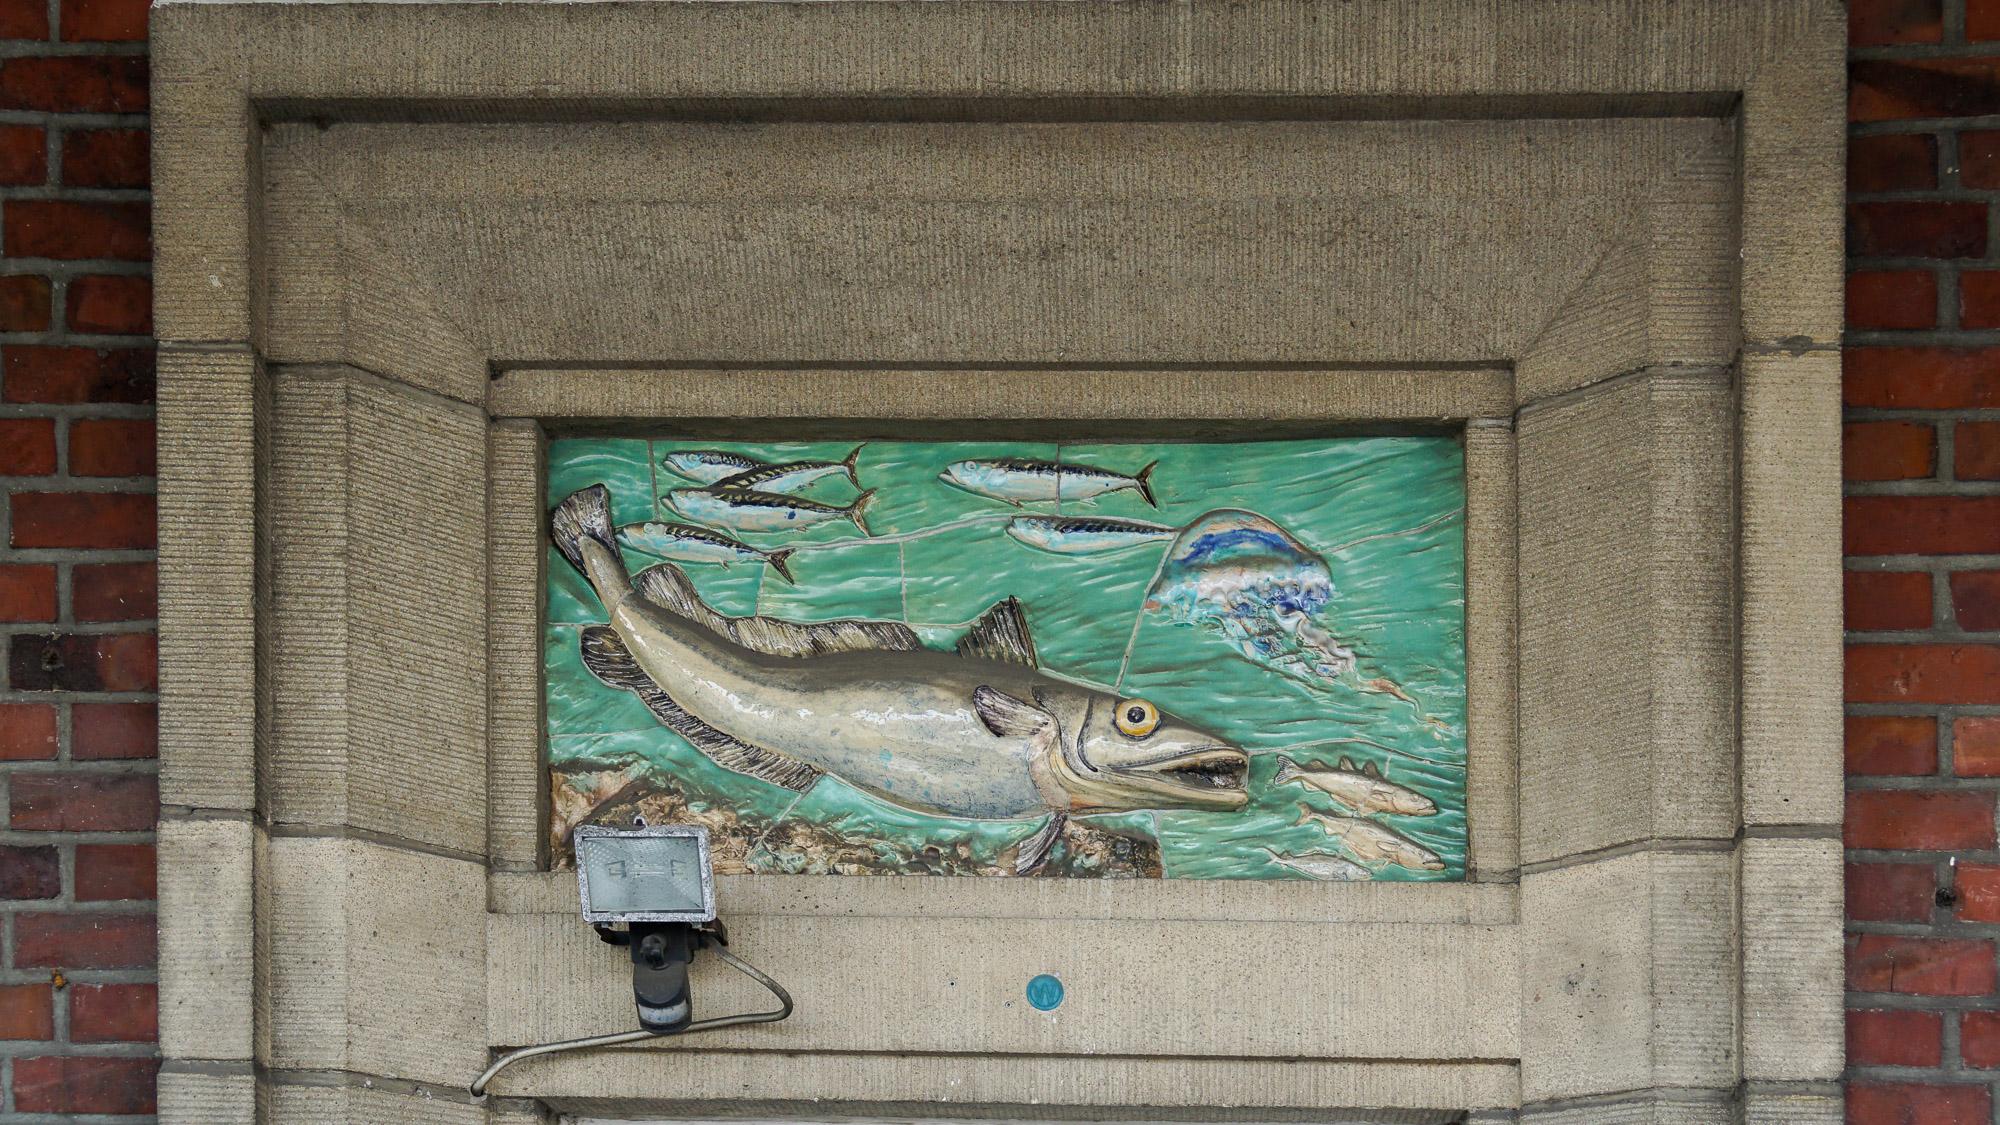 Gestaltungselement aus Keramik, das einen Fisch und eine Qualle zeigt. Umfasst von Stein als Türsturz.